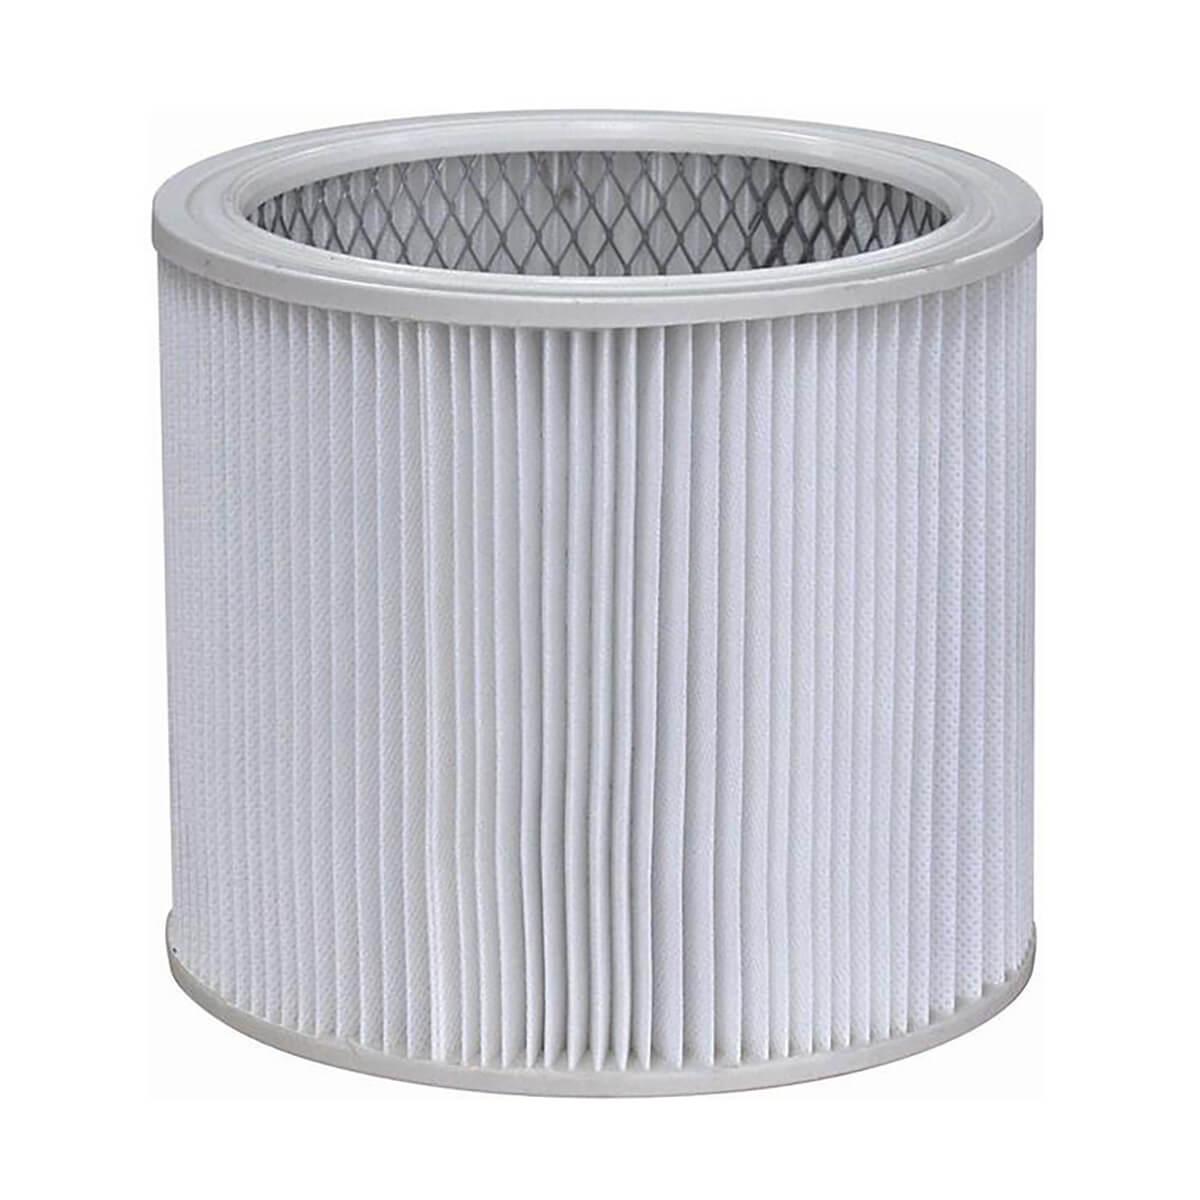 Catridge Filter for Wet/Dry Vacuum - 5-16 Gal